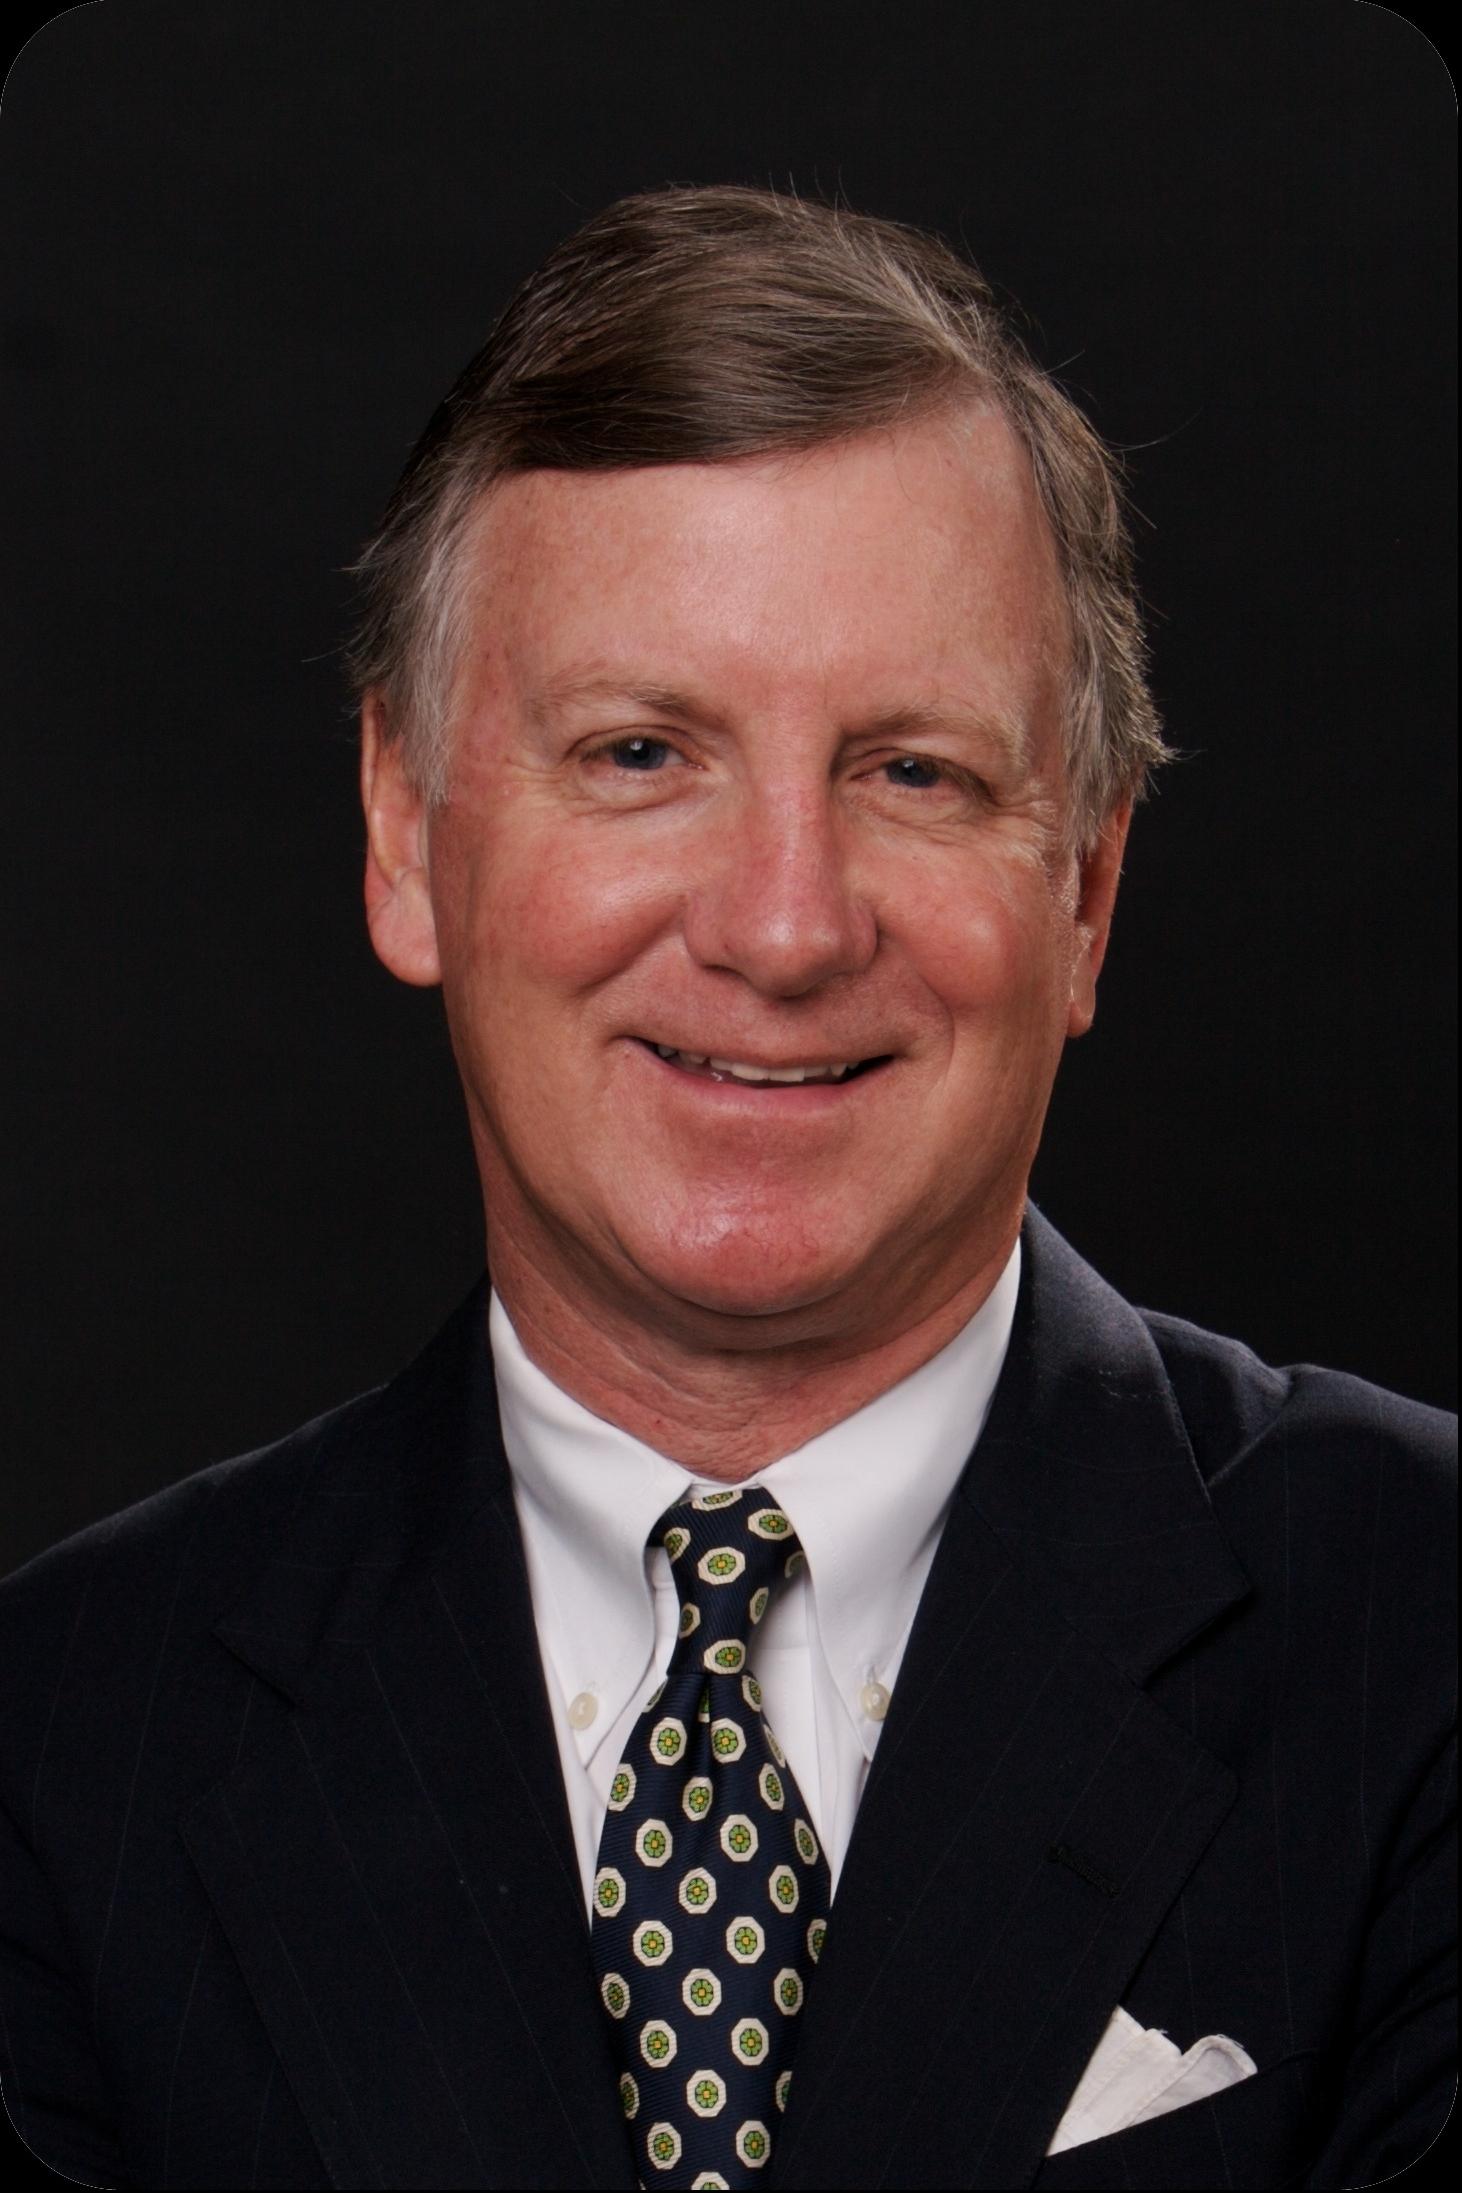 Philip K. Curtis